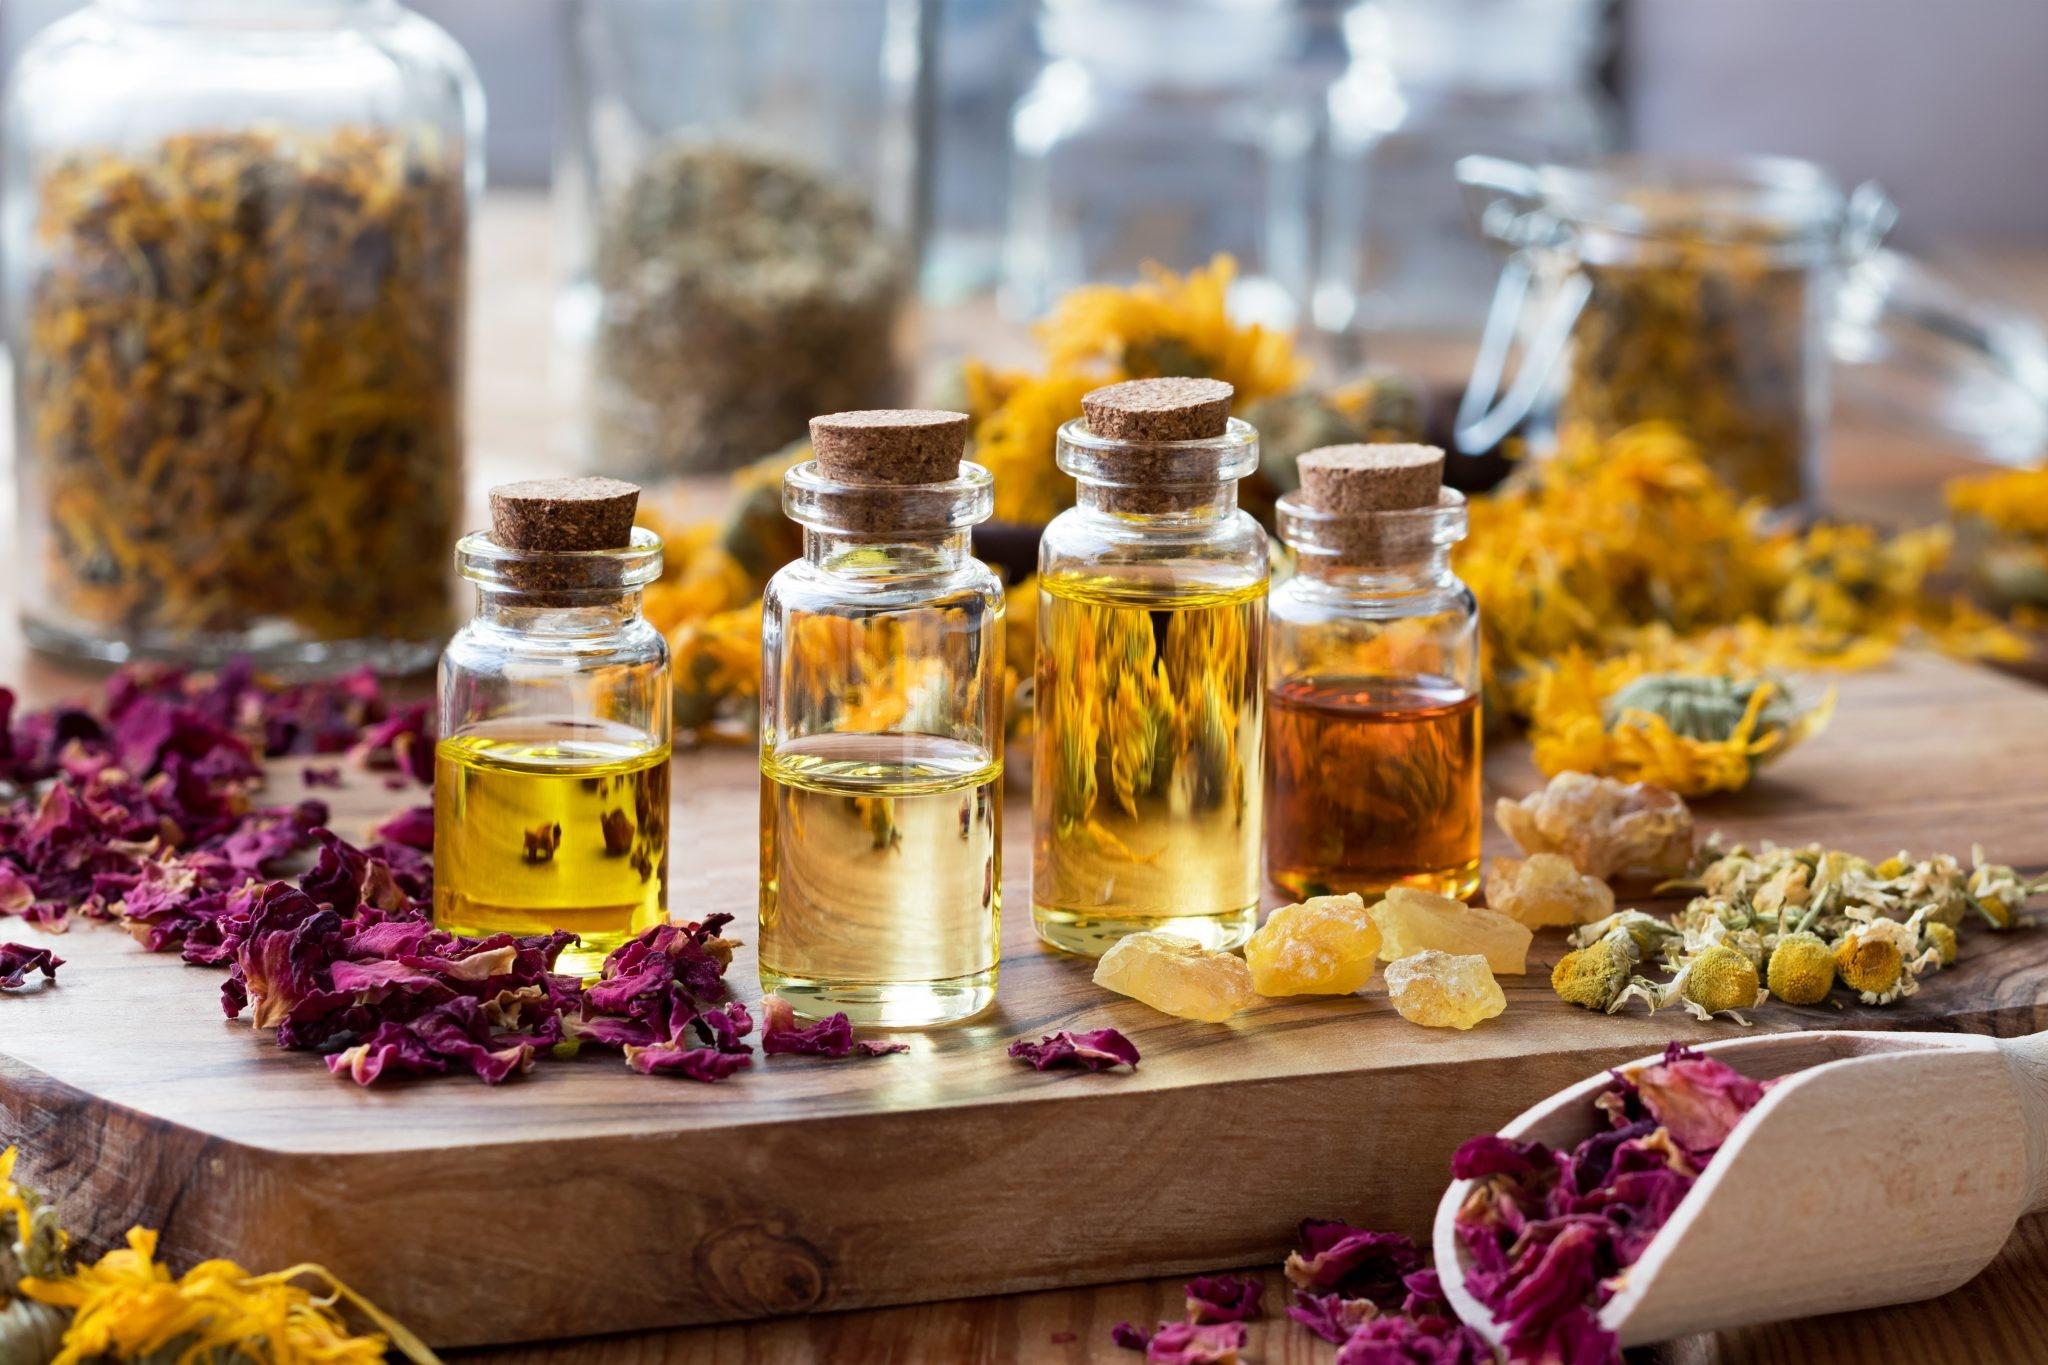 эфирные масла для ароматизации квартиры